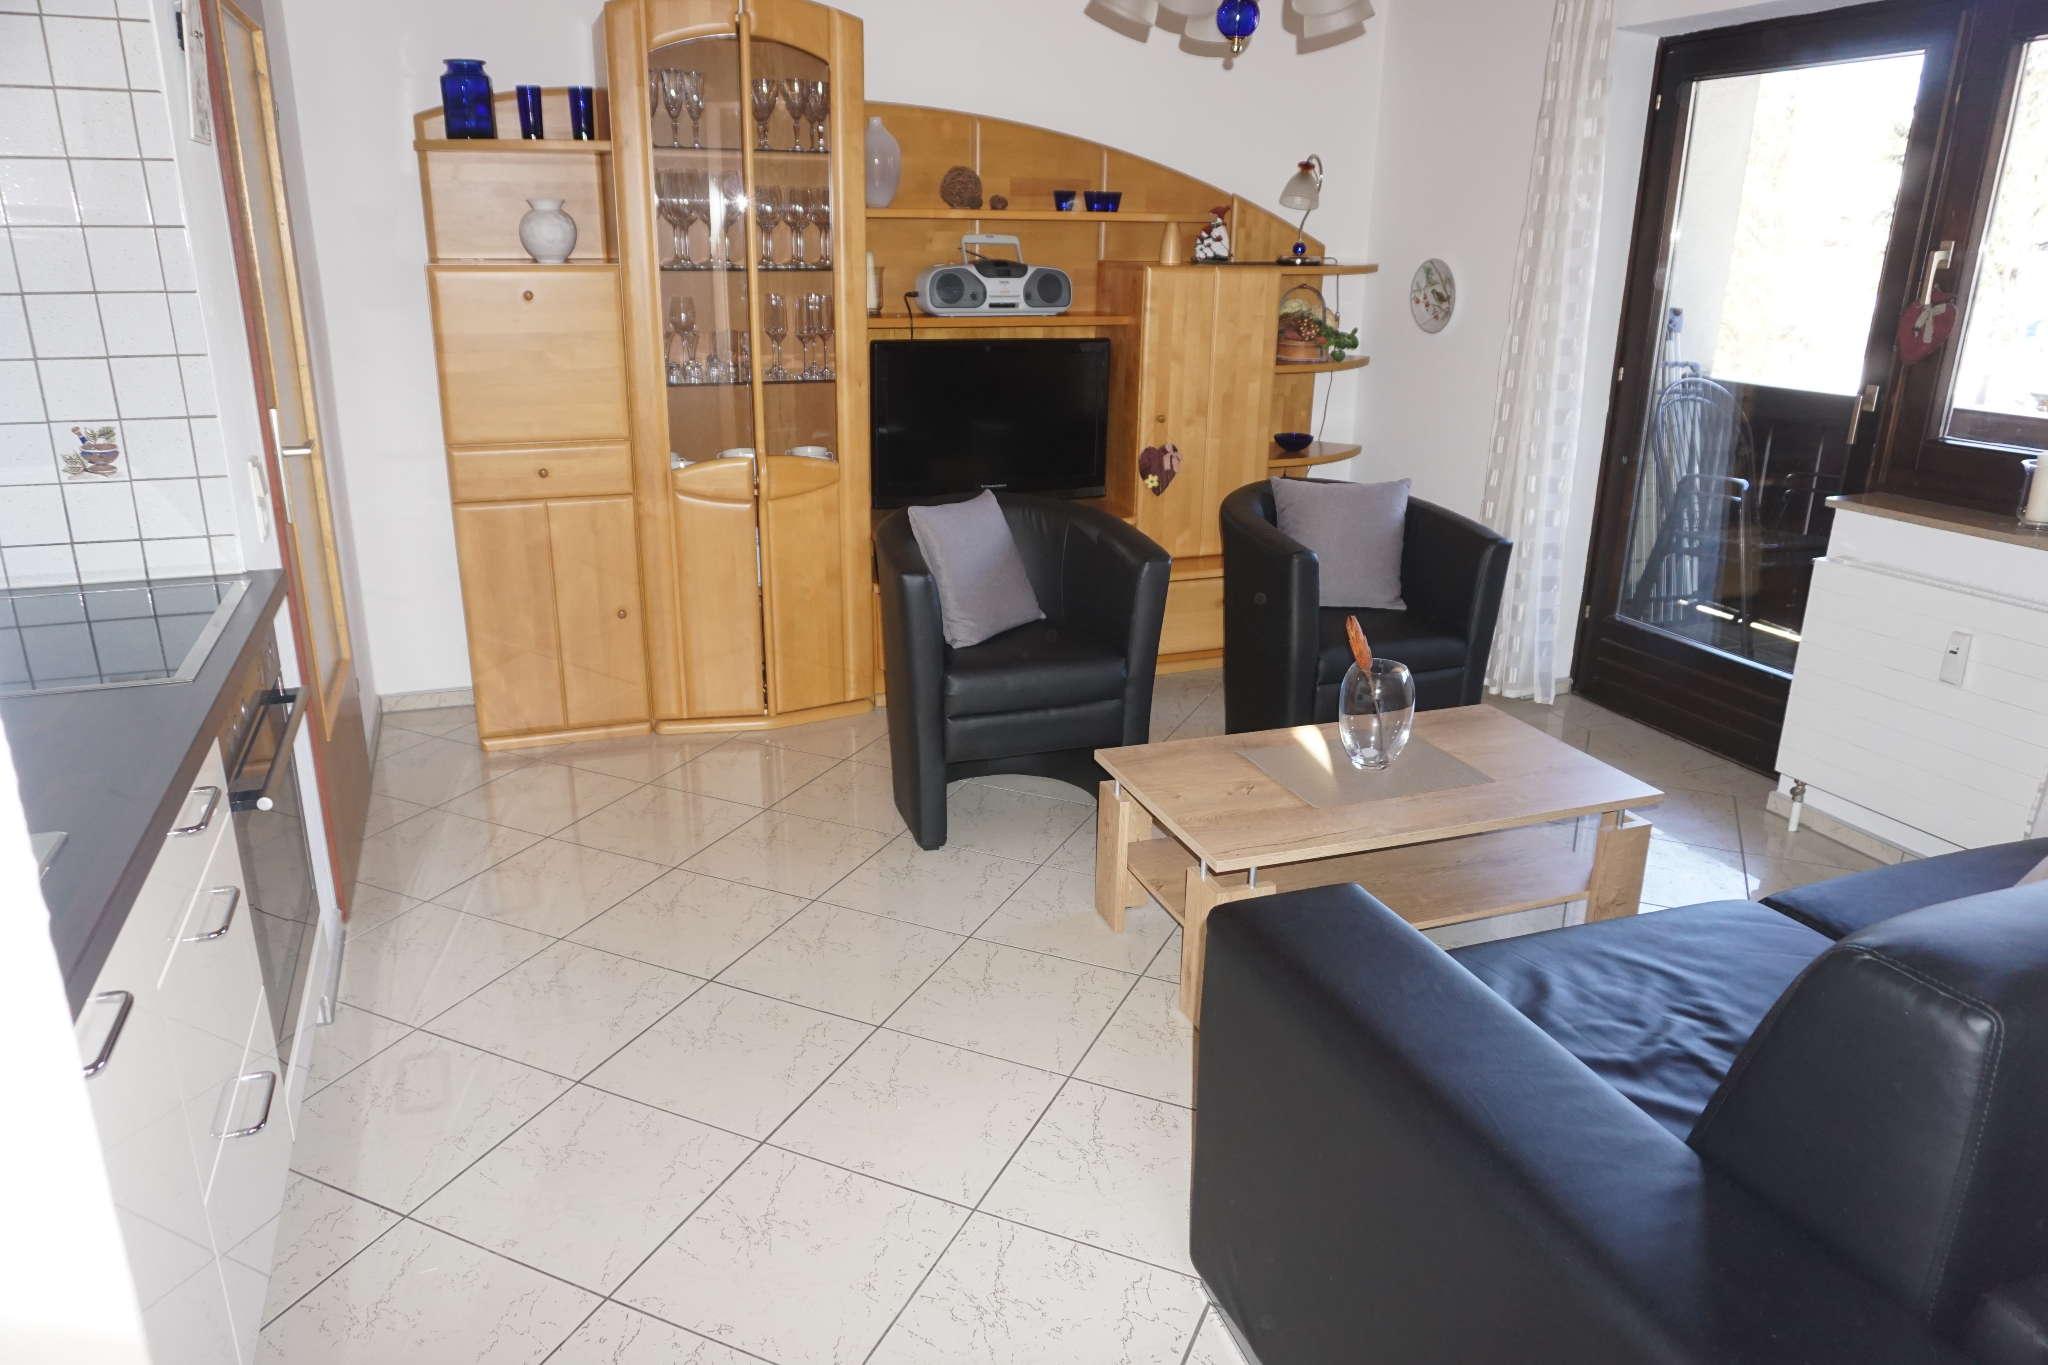 Zusatzbild Nr. 05 von Appartement St. Johann im Pongau - Alpendorf